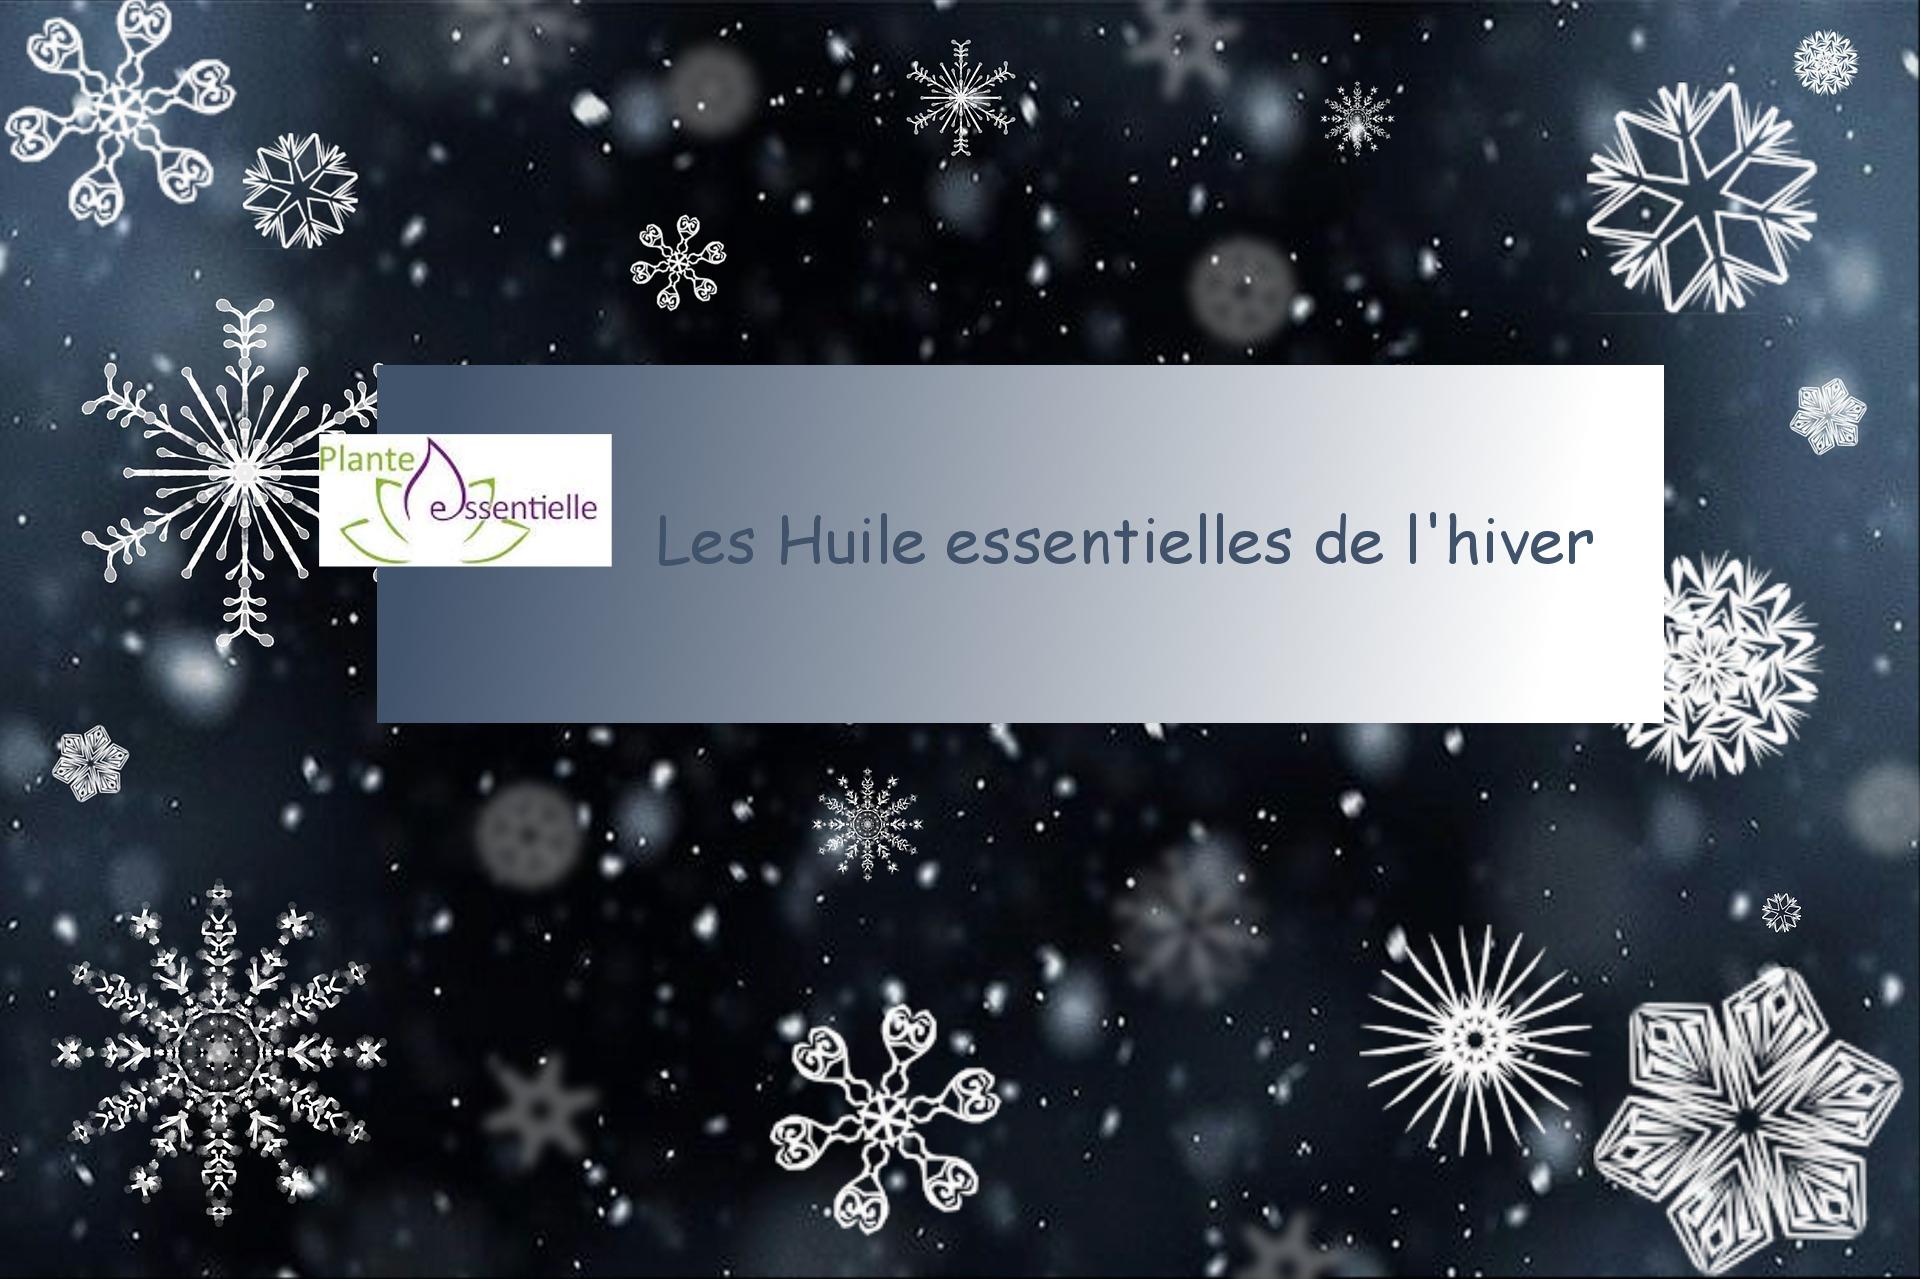 Les huiles essentielles de l'hiver (webinar)